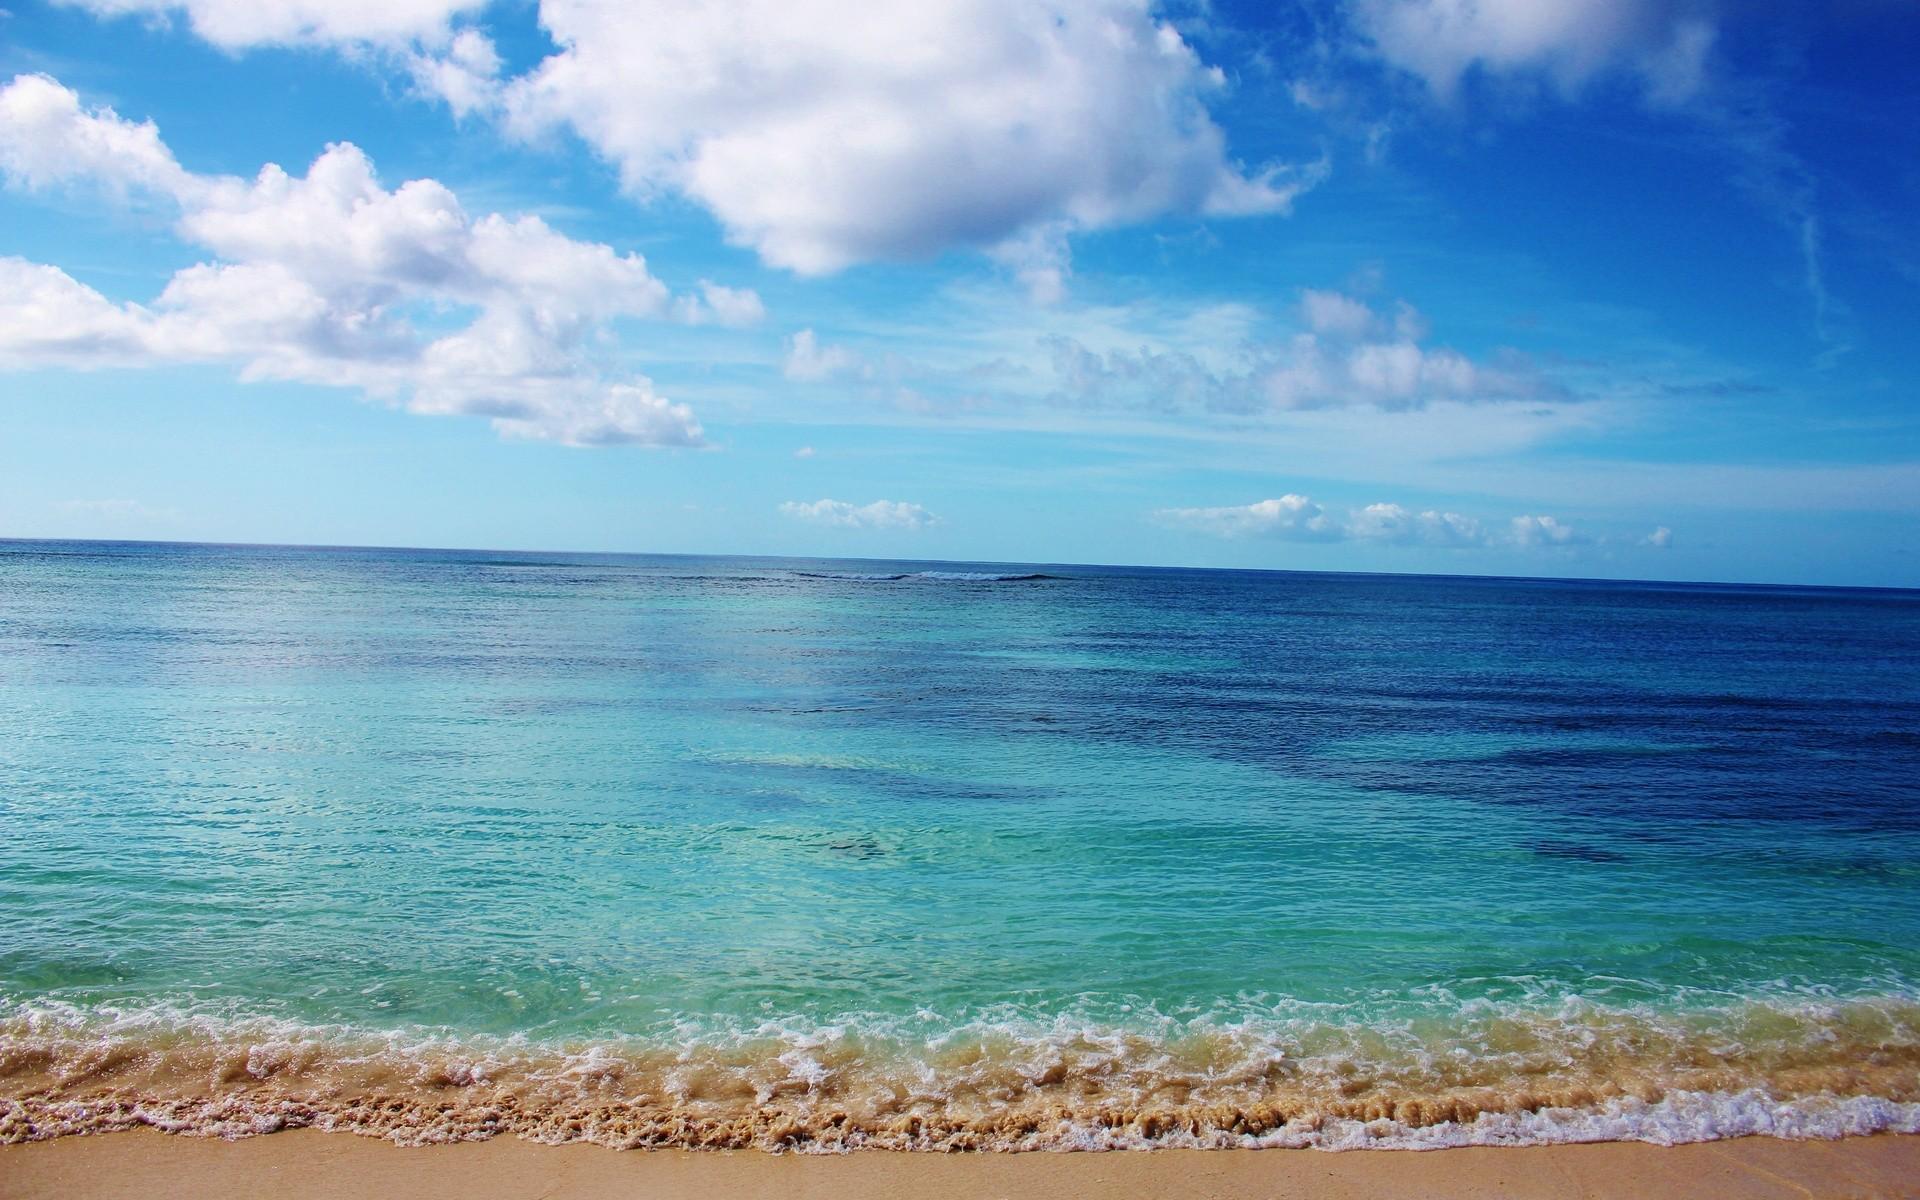 Картинка море спокойное